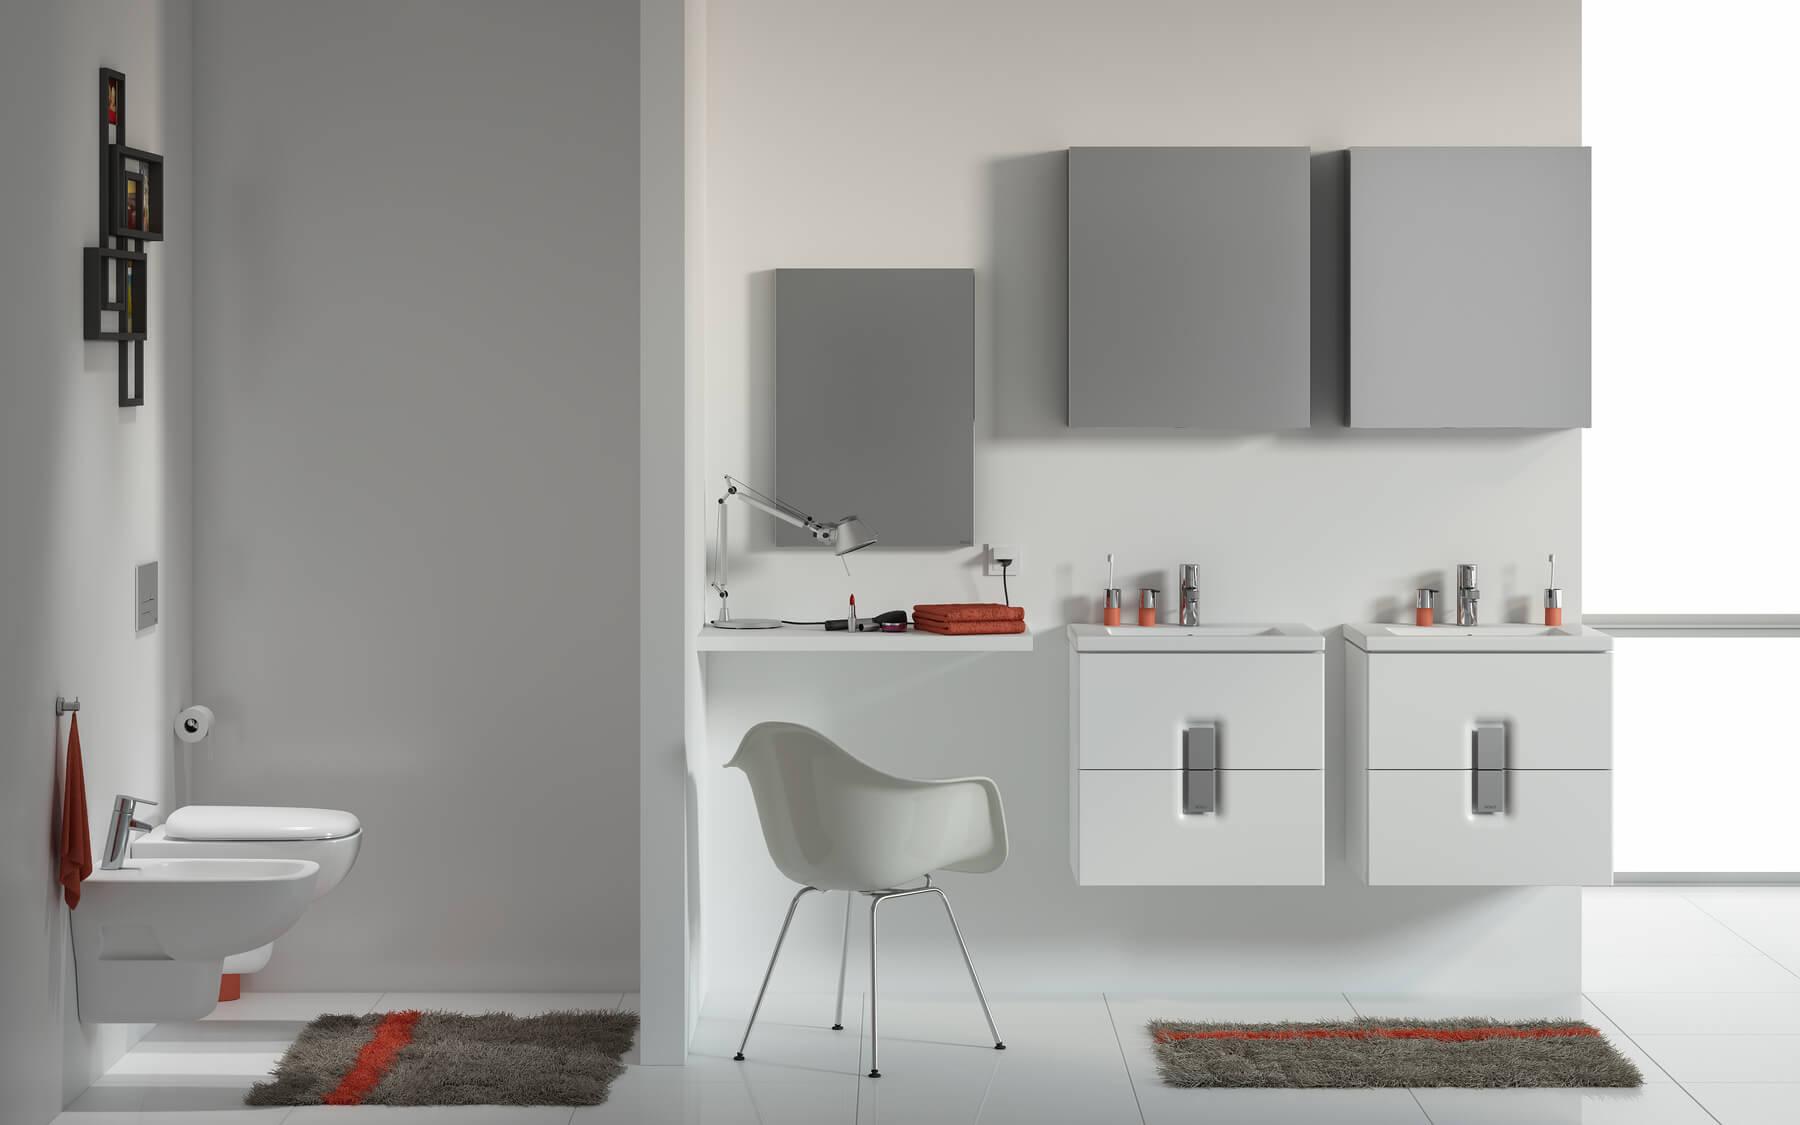 Modna kolekcja mebli łazienkowych i artykułów sanitarnych KOŁO Twins